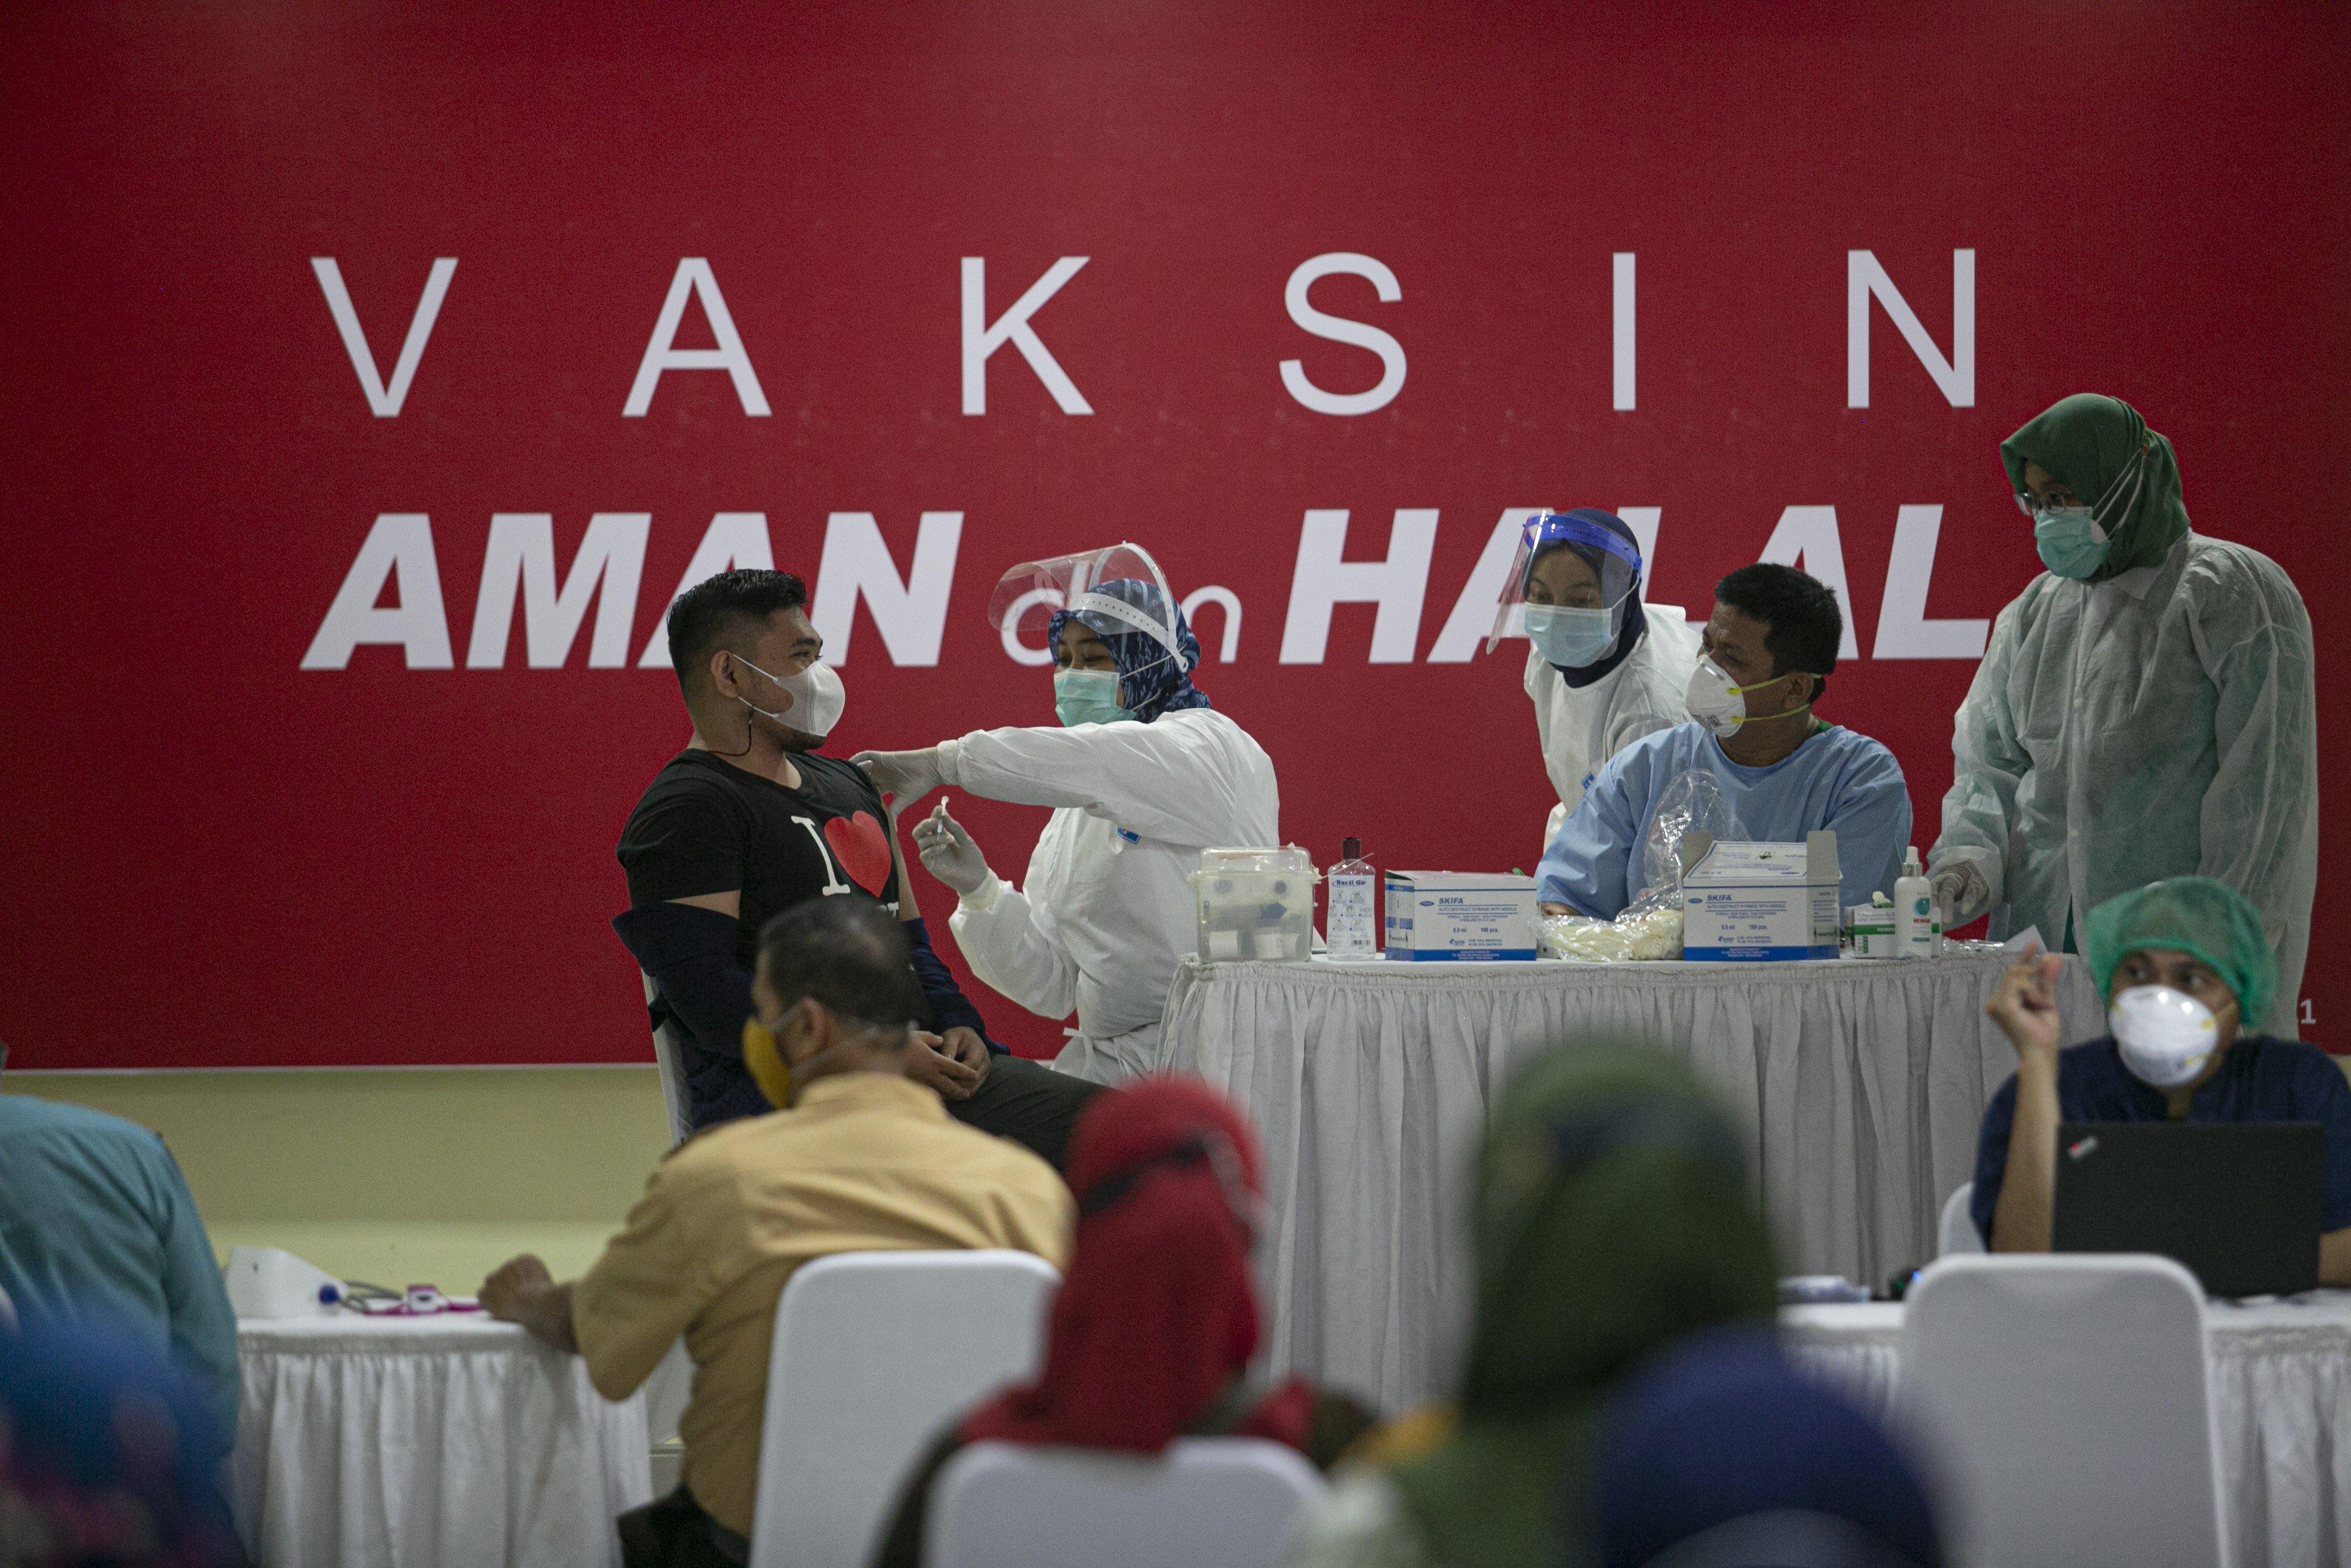 Petugas menyuntikkan vaksin COVID-19 kepada tenaga pengajar dalam acara vaksinasi massal di SMA Negeri 70 Jakarta, Jakarta, Rabu (24/2/2021). Pemerintah memulai tahap vaksinasi untuk guru, tenaga kependidikan, dan dosen dengan target sebanyak 5.057.582 orang se-Indonesia.